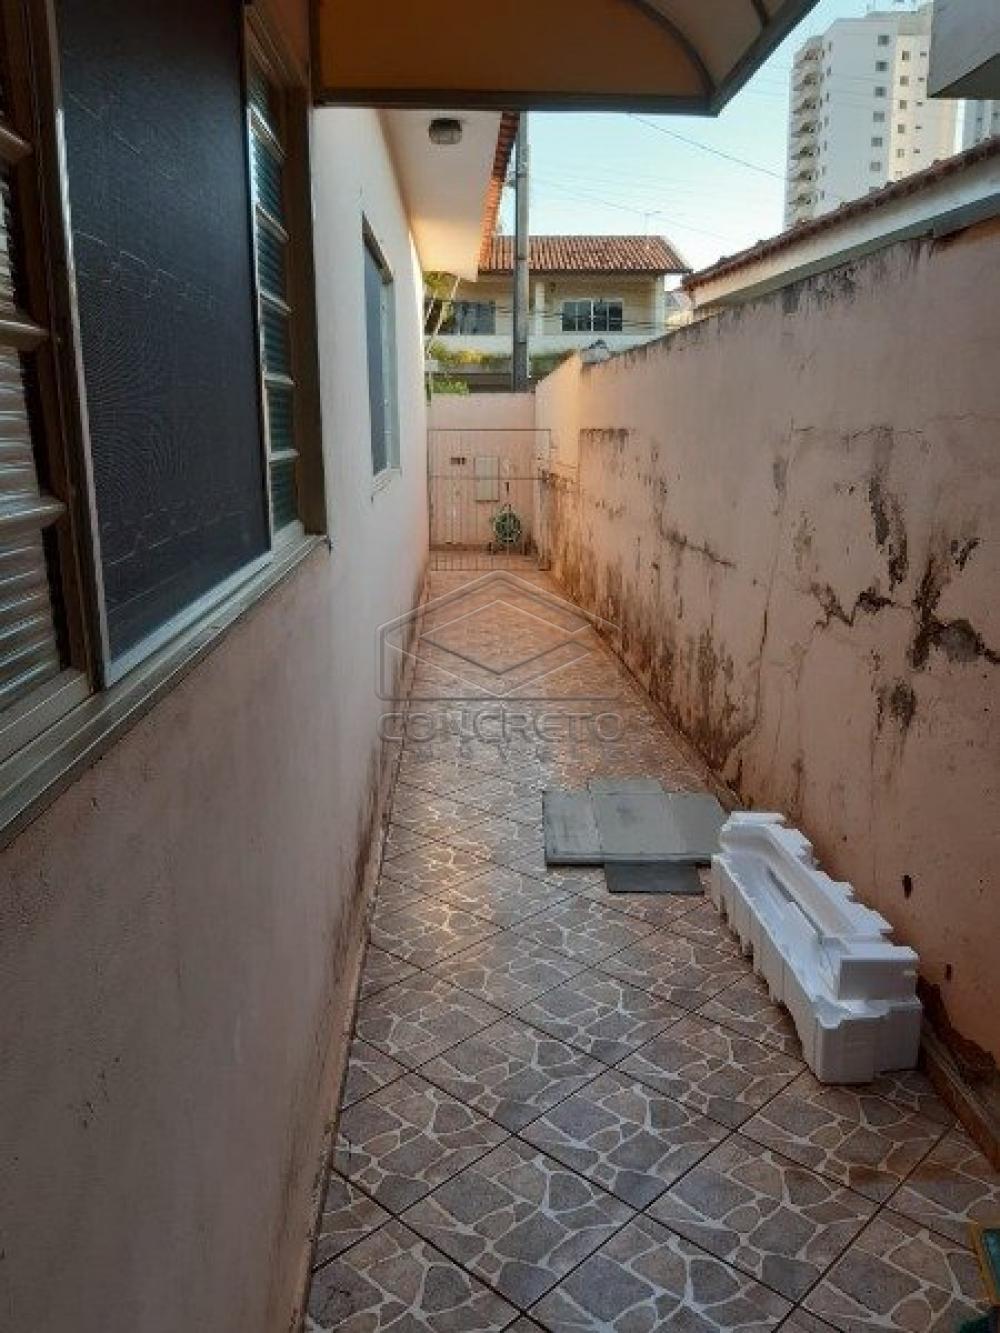 Comprar Casa / Padrão em Lençóis Paulista apenas R$ 520.000,00 - Foto 10